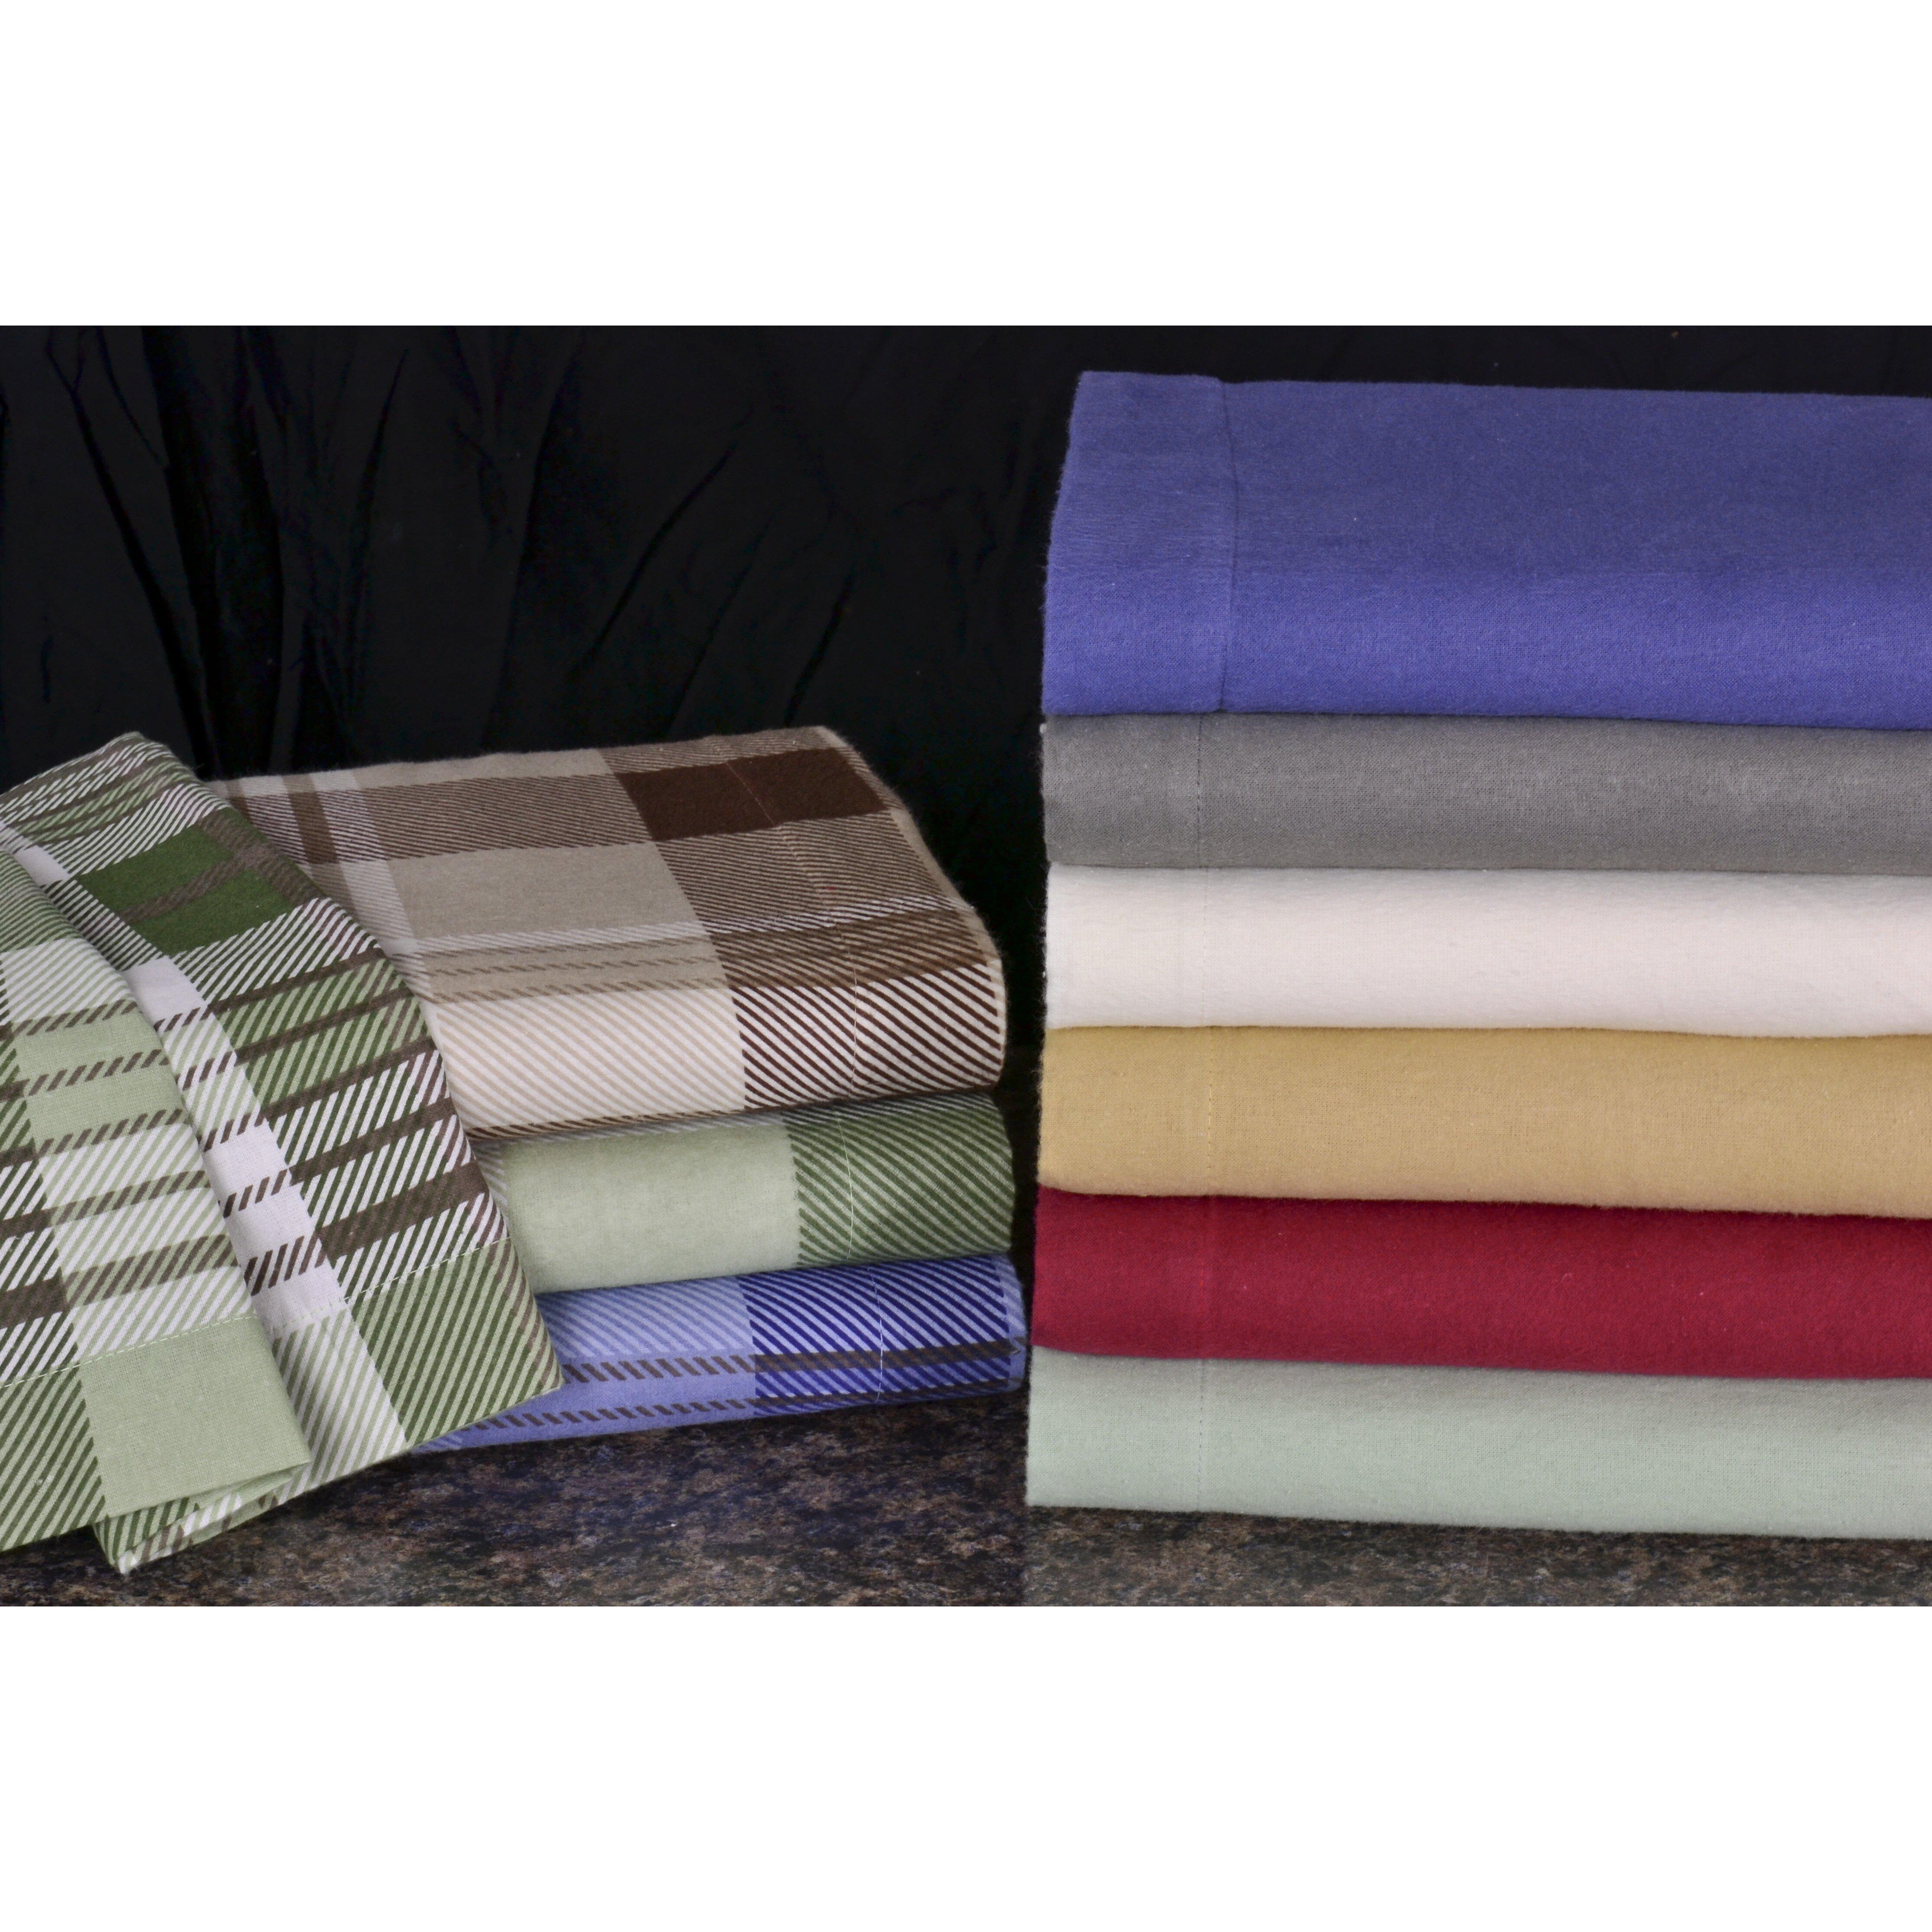 Wildon Home 174 Winter Nights 4 Piece Cotton Flannel Sheet